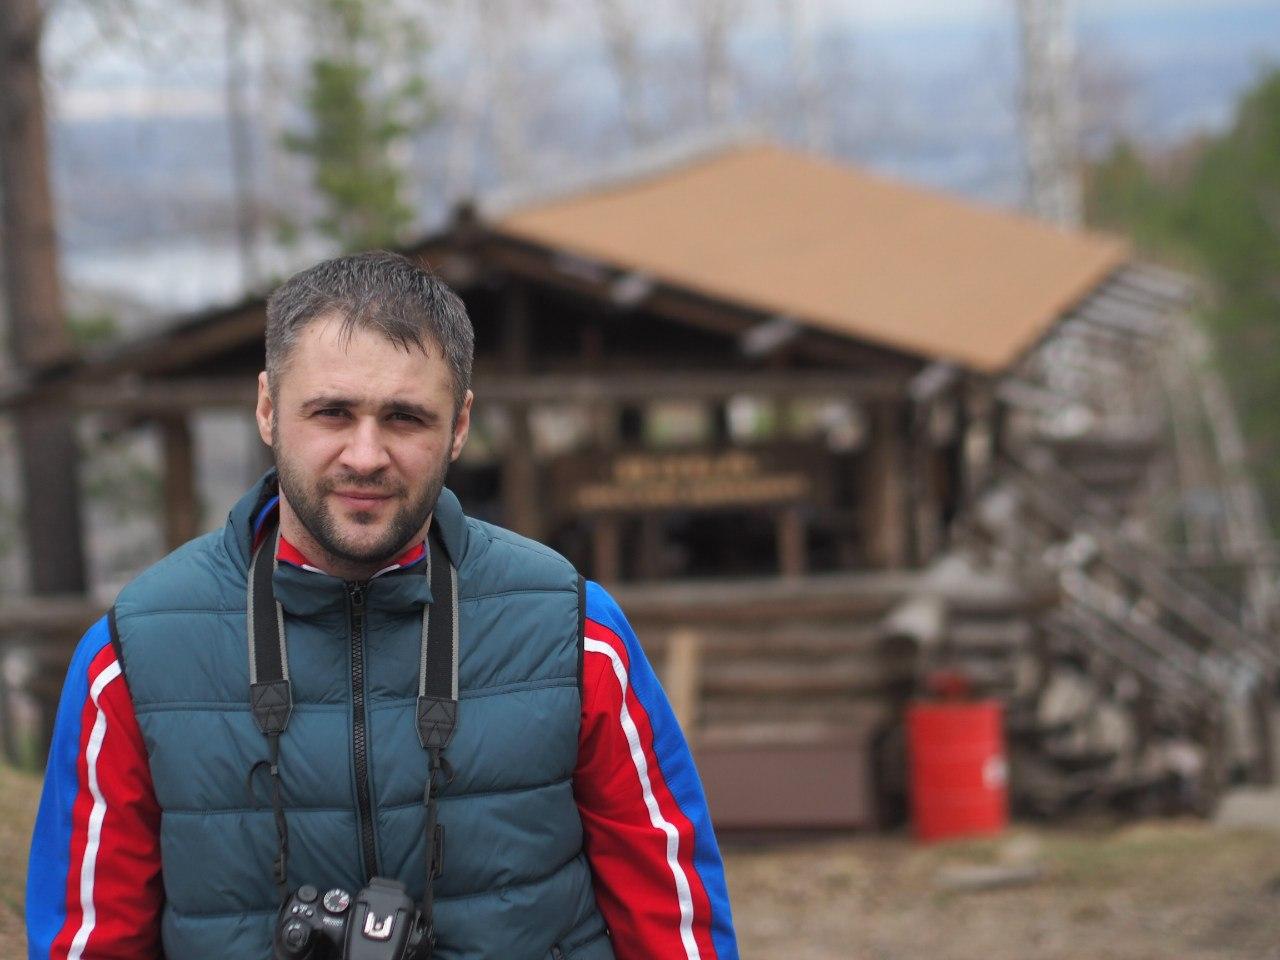 Сергей Борзилов, Шарыпово - фото №2